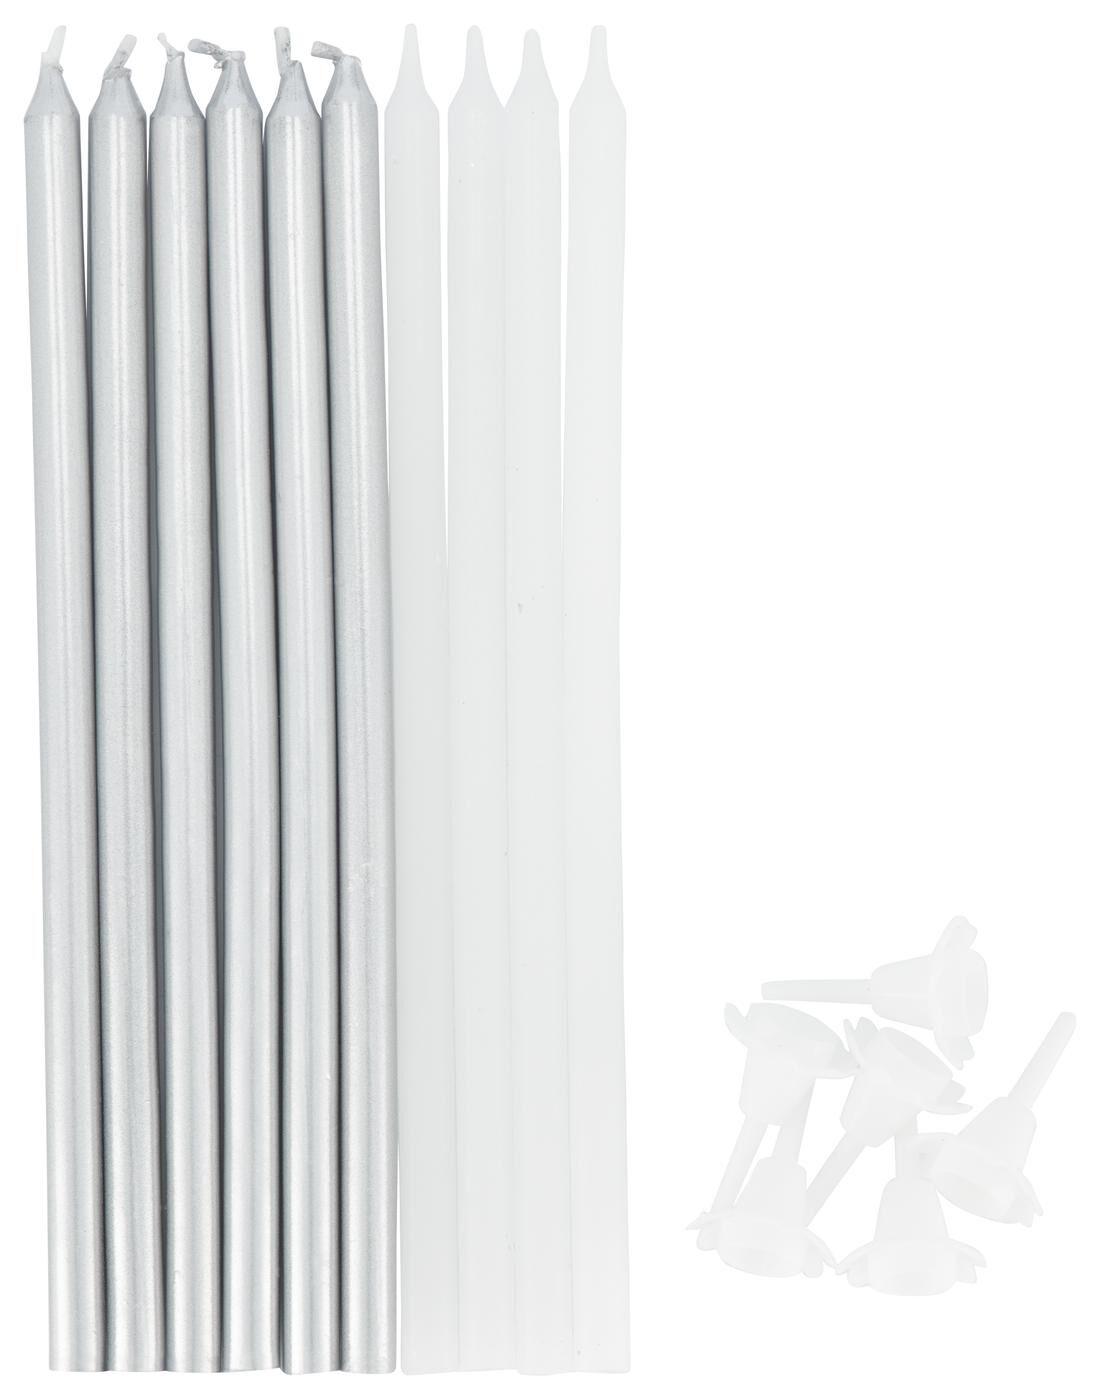 Bougies-Set Blanc 10 unités; pour par exemple anniversaire couronne